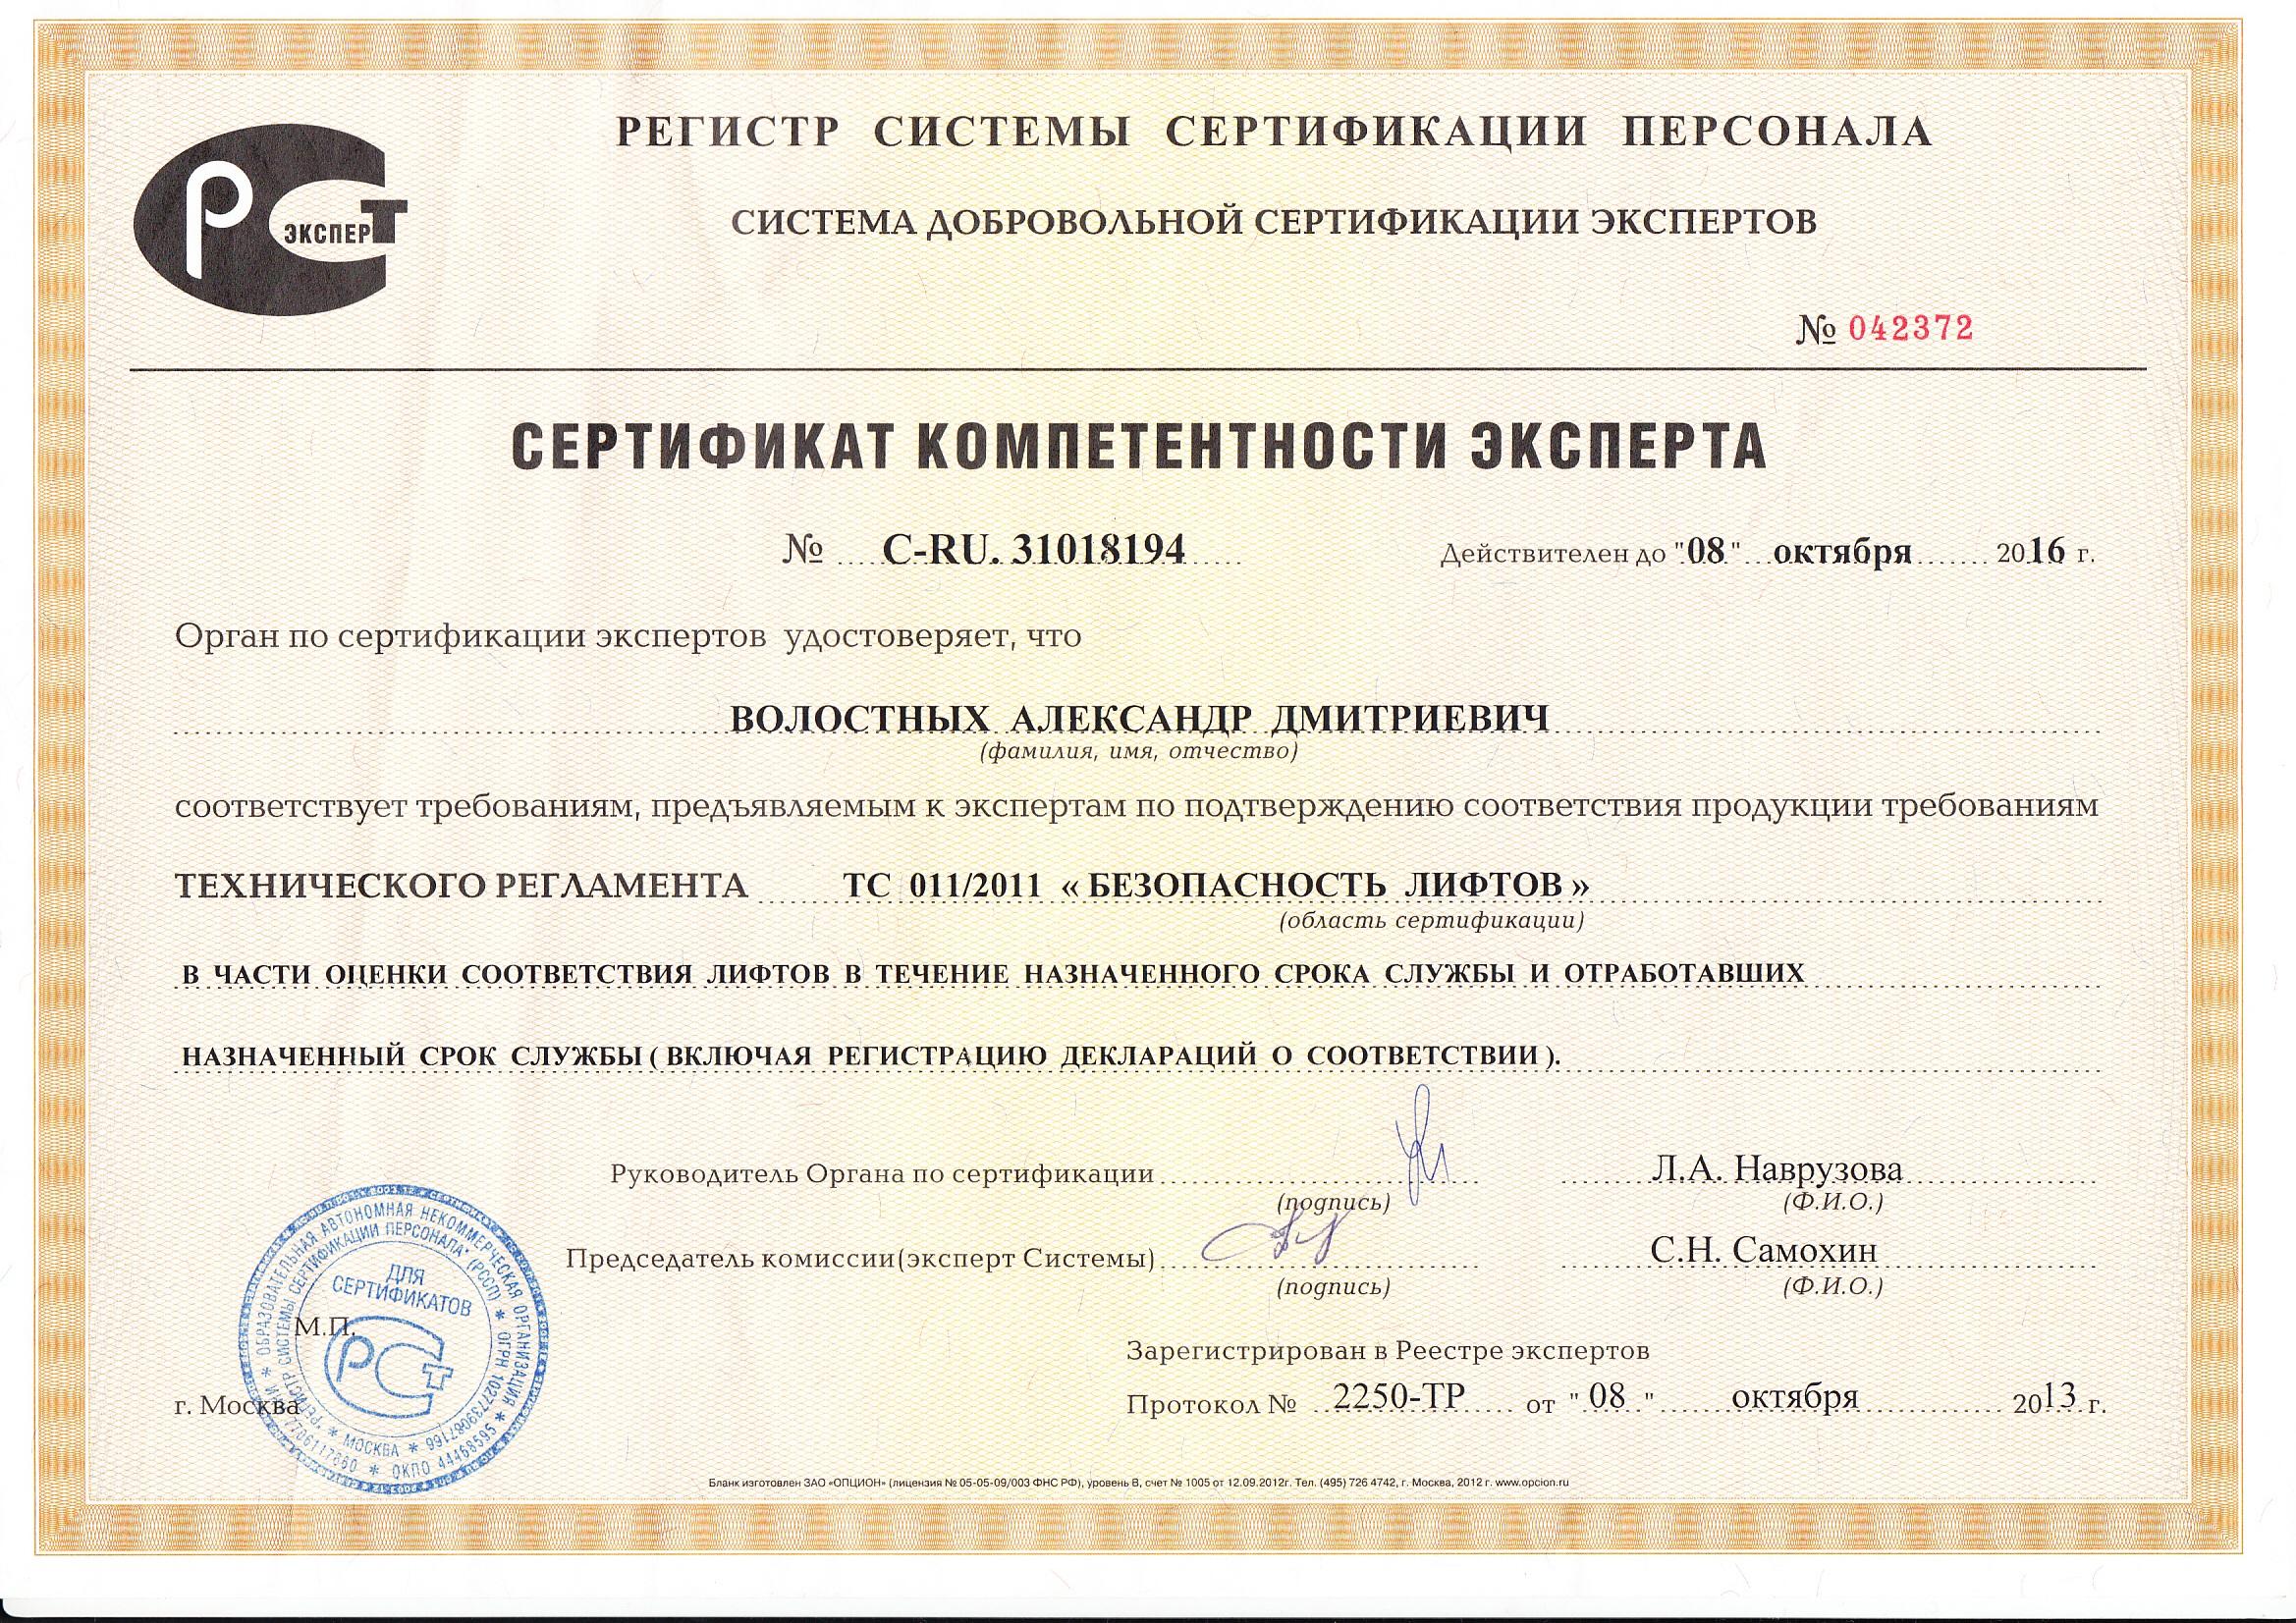 Вот вам ссылочка на закон о лицензировании, вернее на смисок видов  срока, установленного законом республики казахстан об игорном бизнесе;  не будут, массаж косметологического и расслабляющего характера